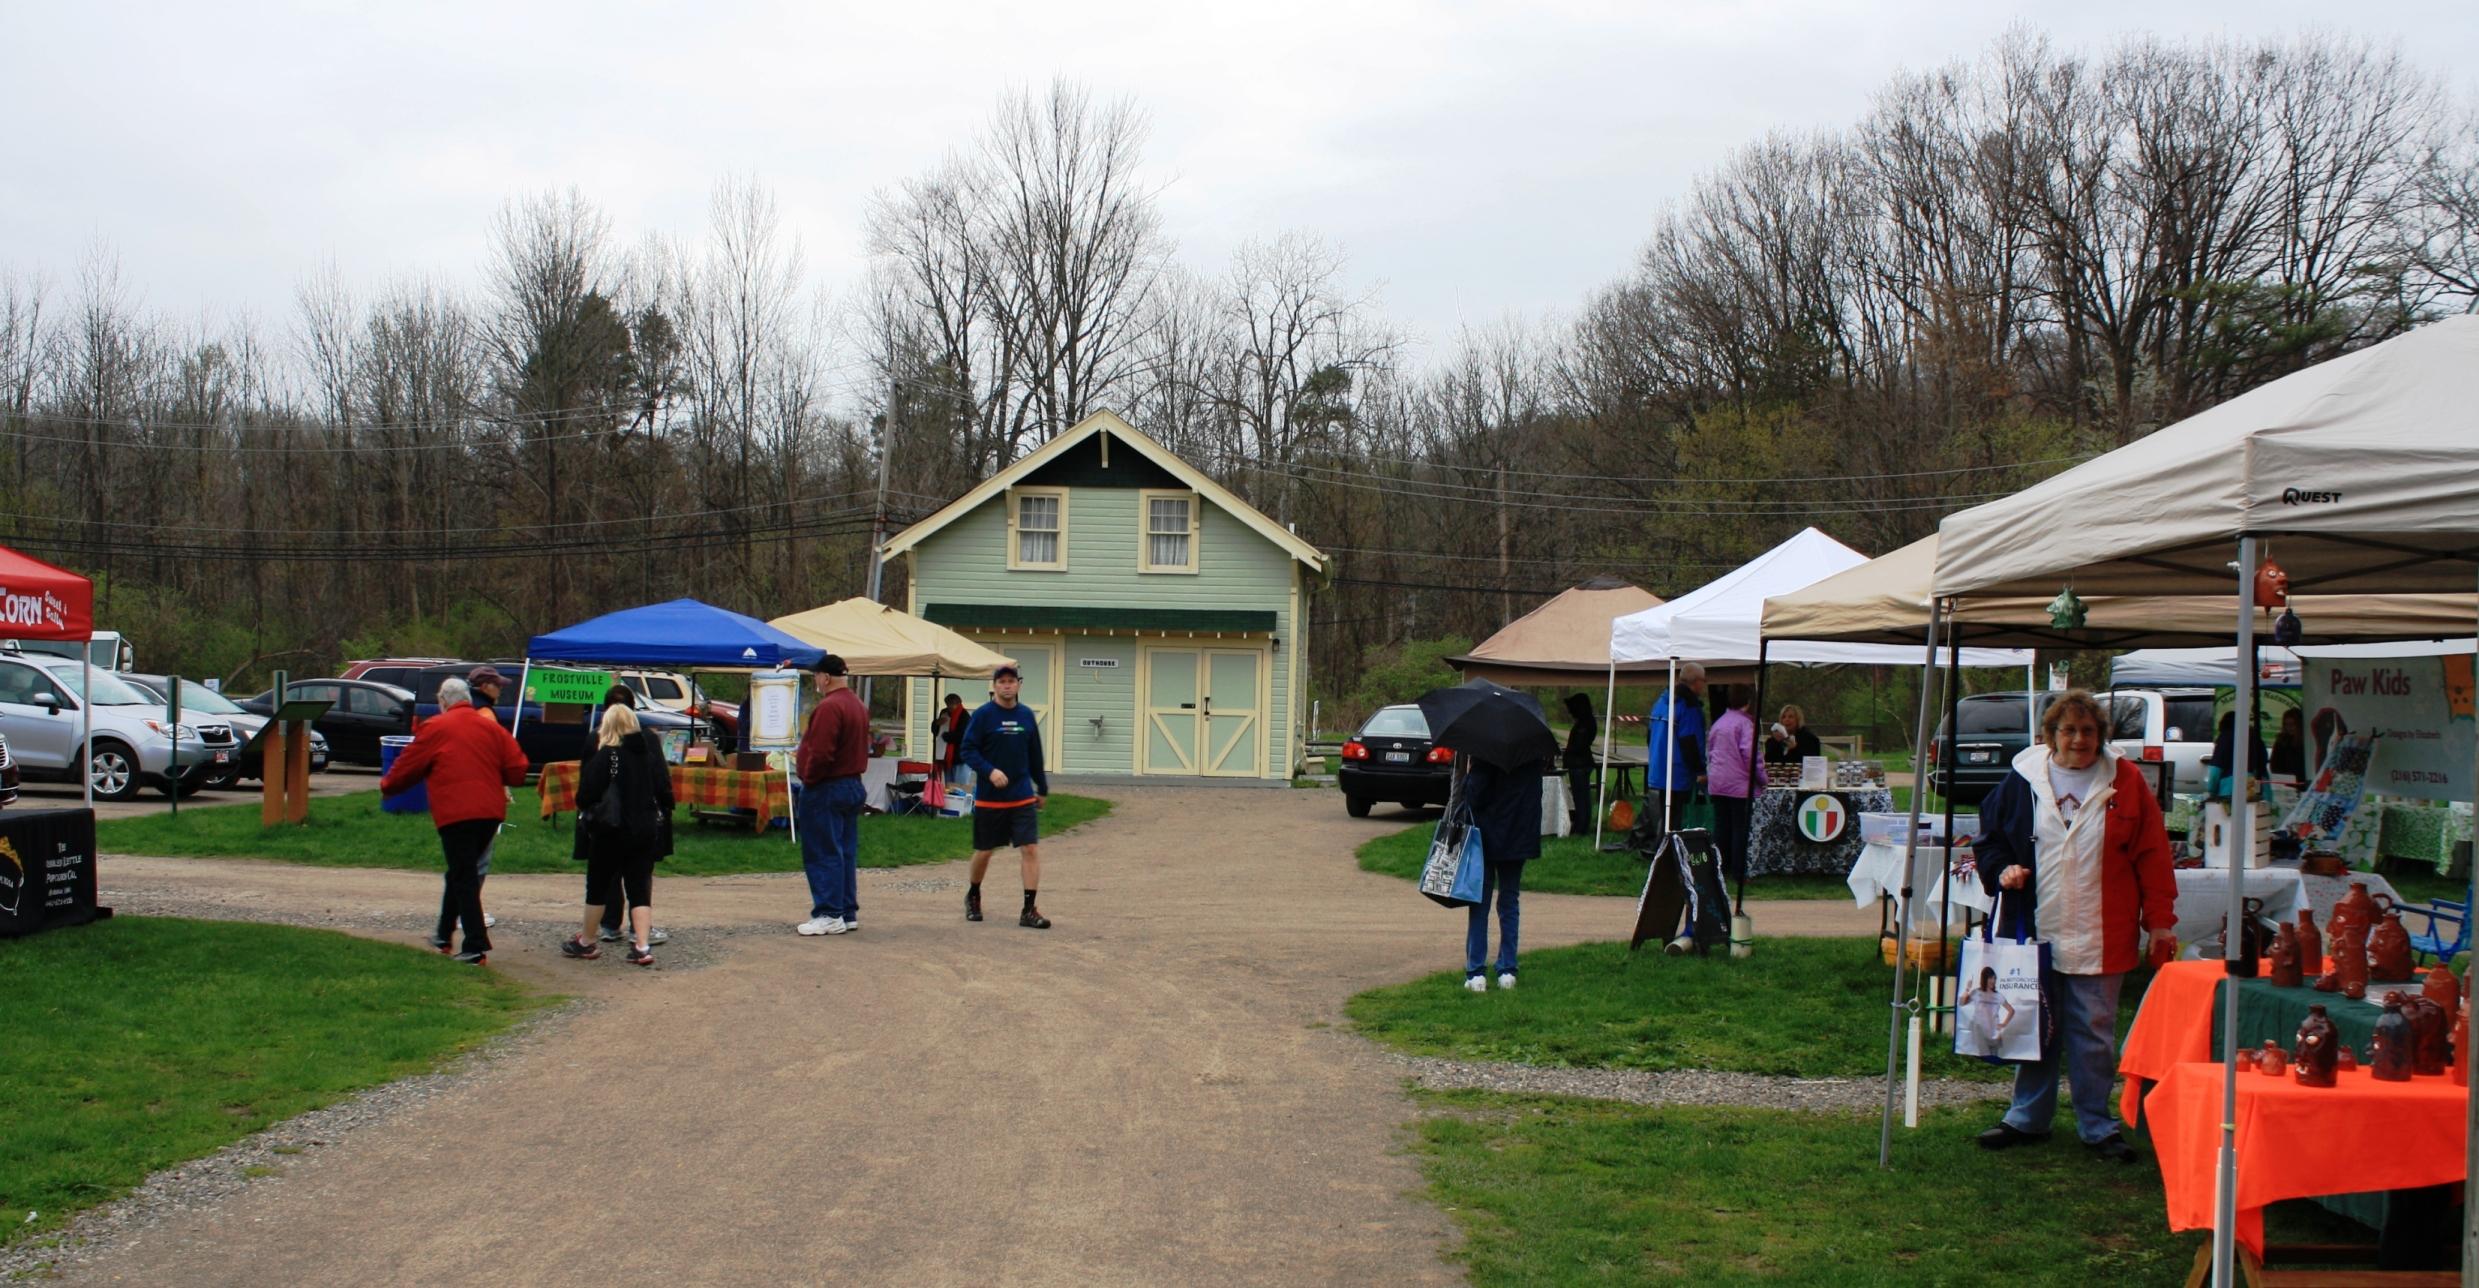 Different vendor tents